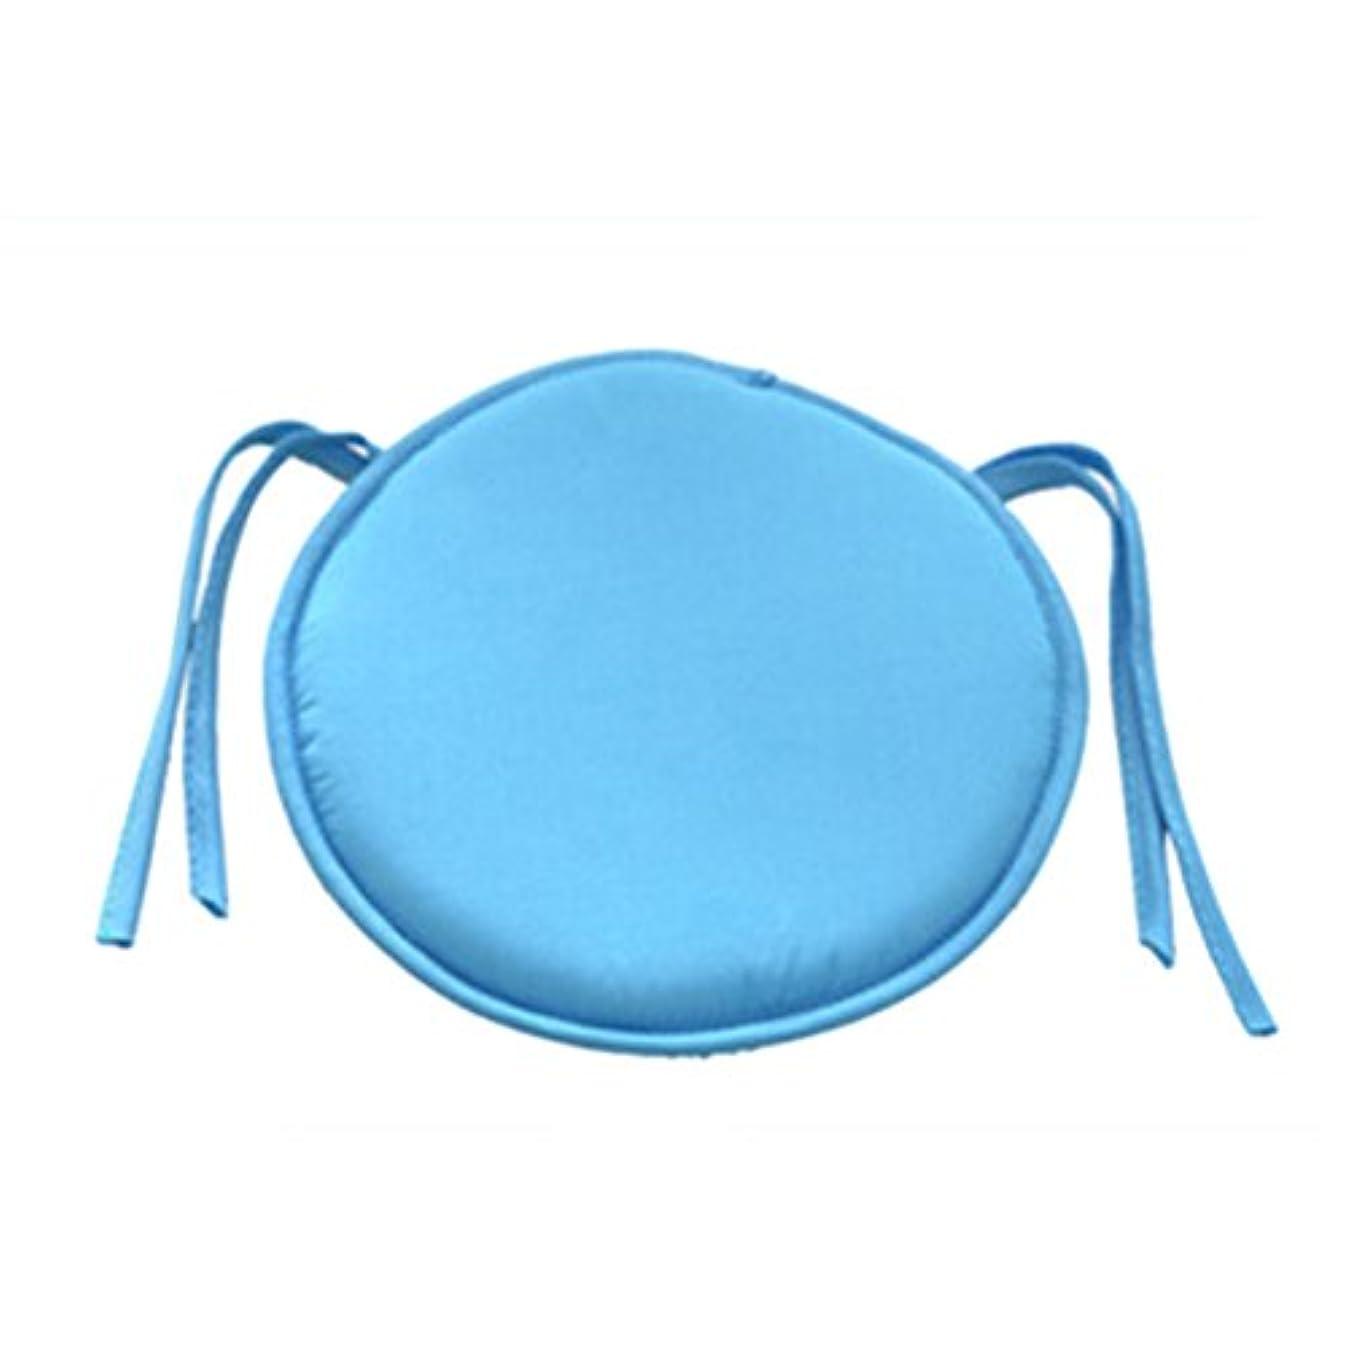 おびえたマルクス主義者活気づけるLIFE ホット販売ラウンドチェアクッション屋内ポップパティオオフィスチェアシートパッドネクタイスクエアガーデンキッチンダイニングクッション クッション 椅子